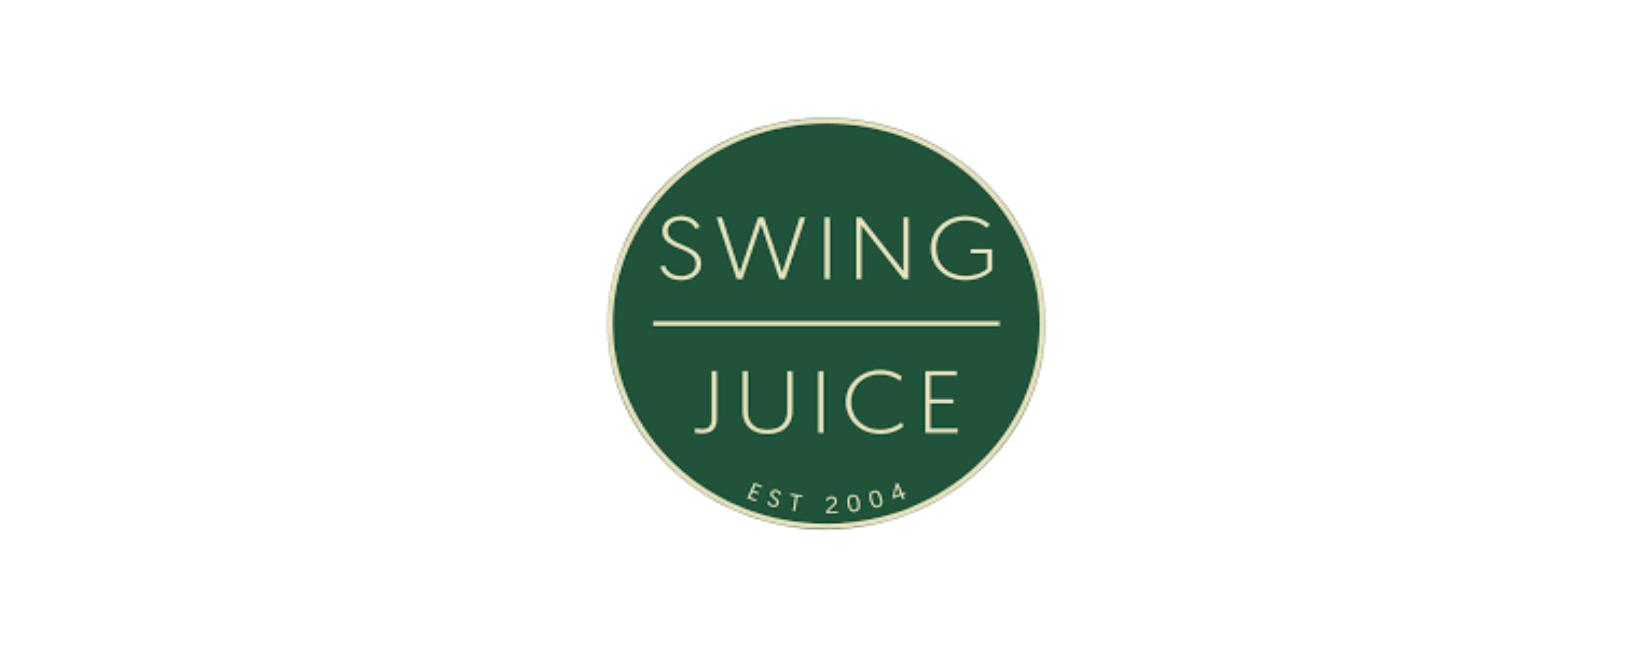 SwingJuice Discount Code 2021